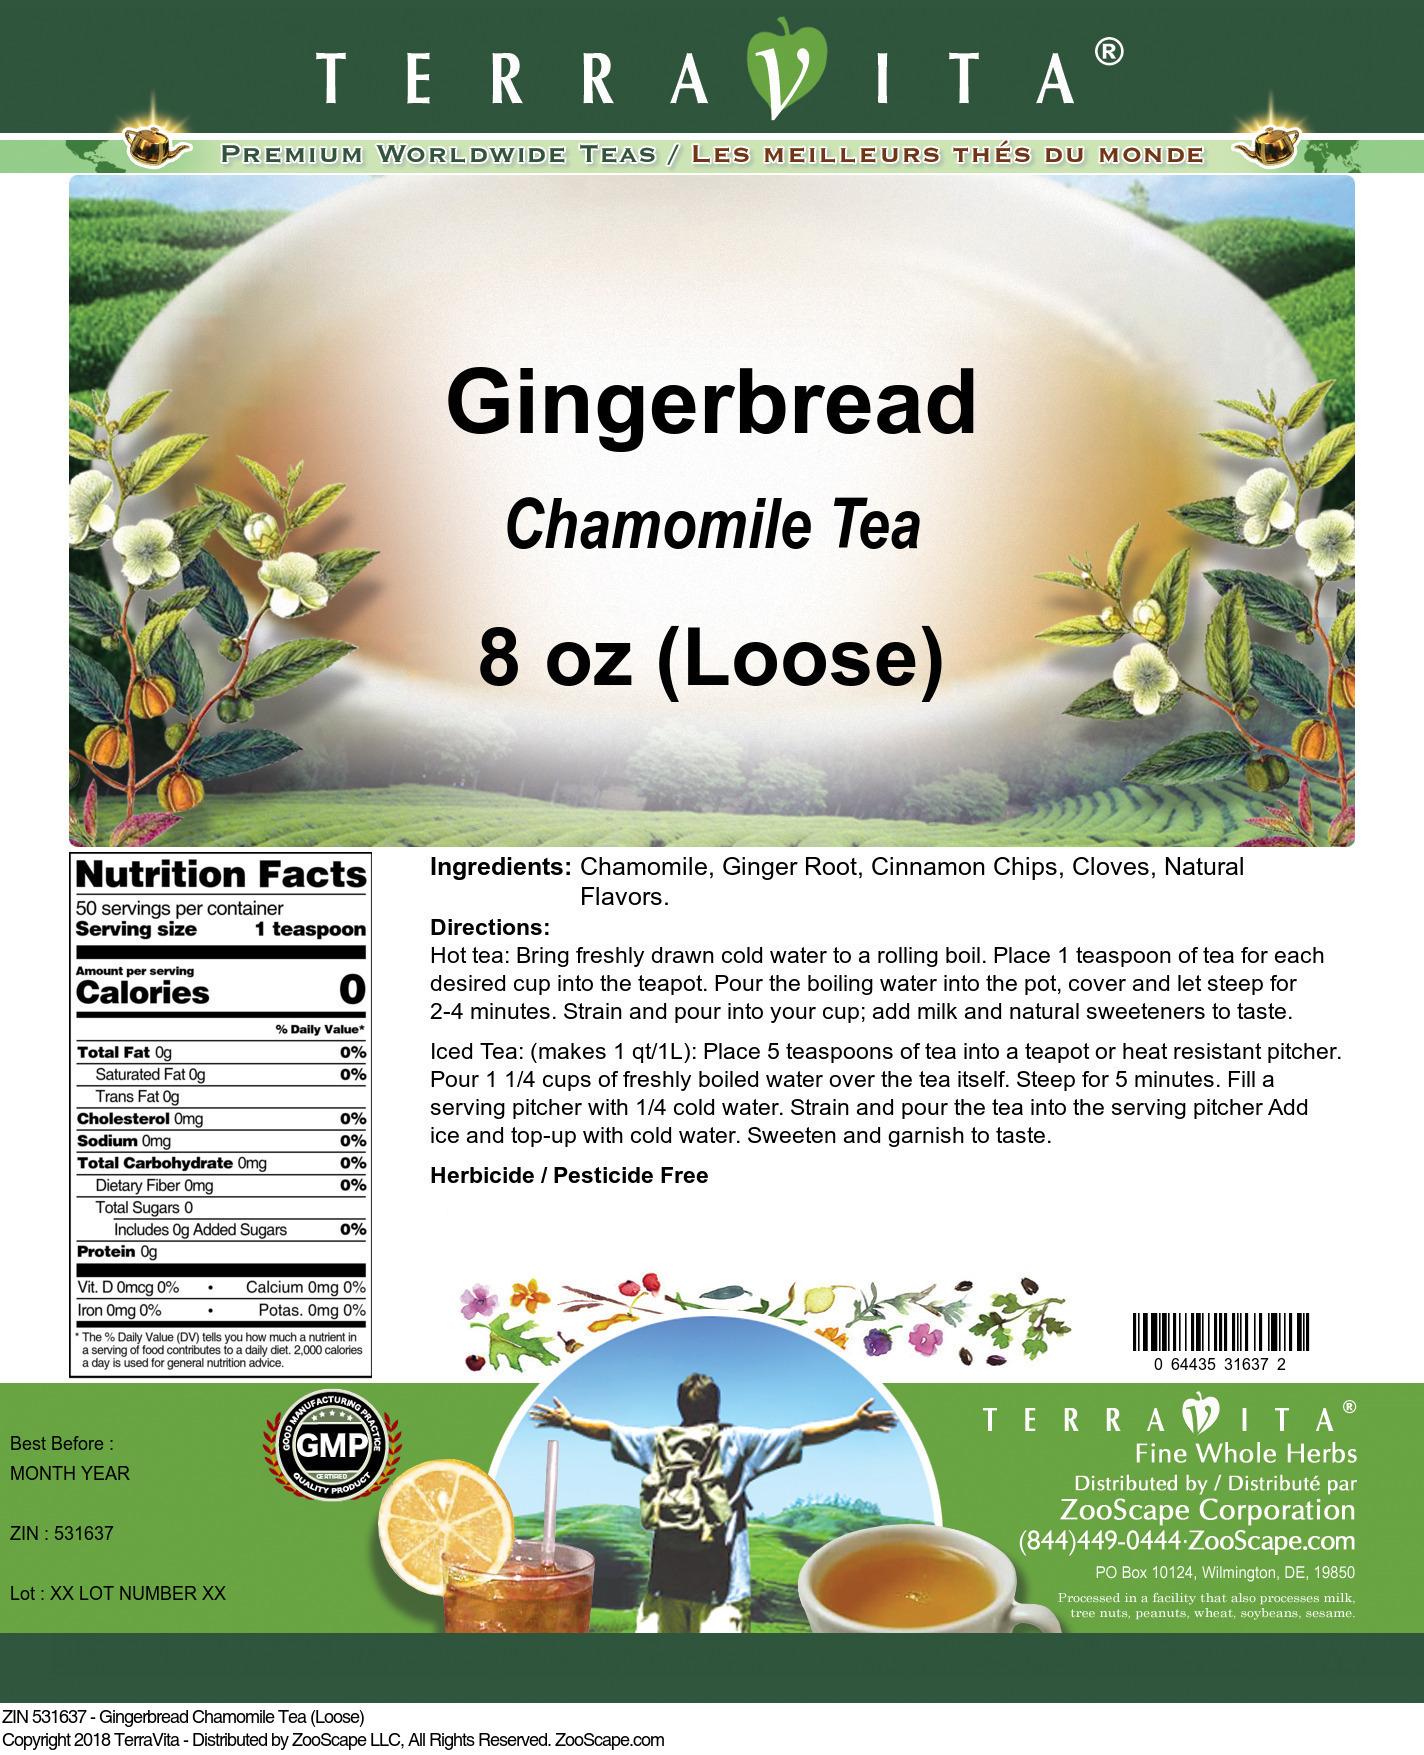 Gingerbread Chamomile Tea (Loose)